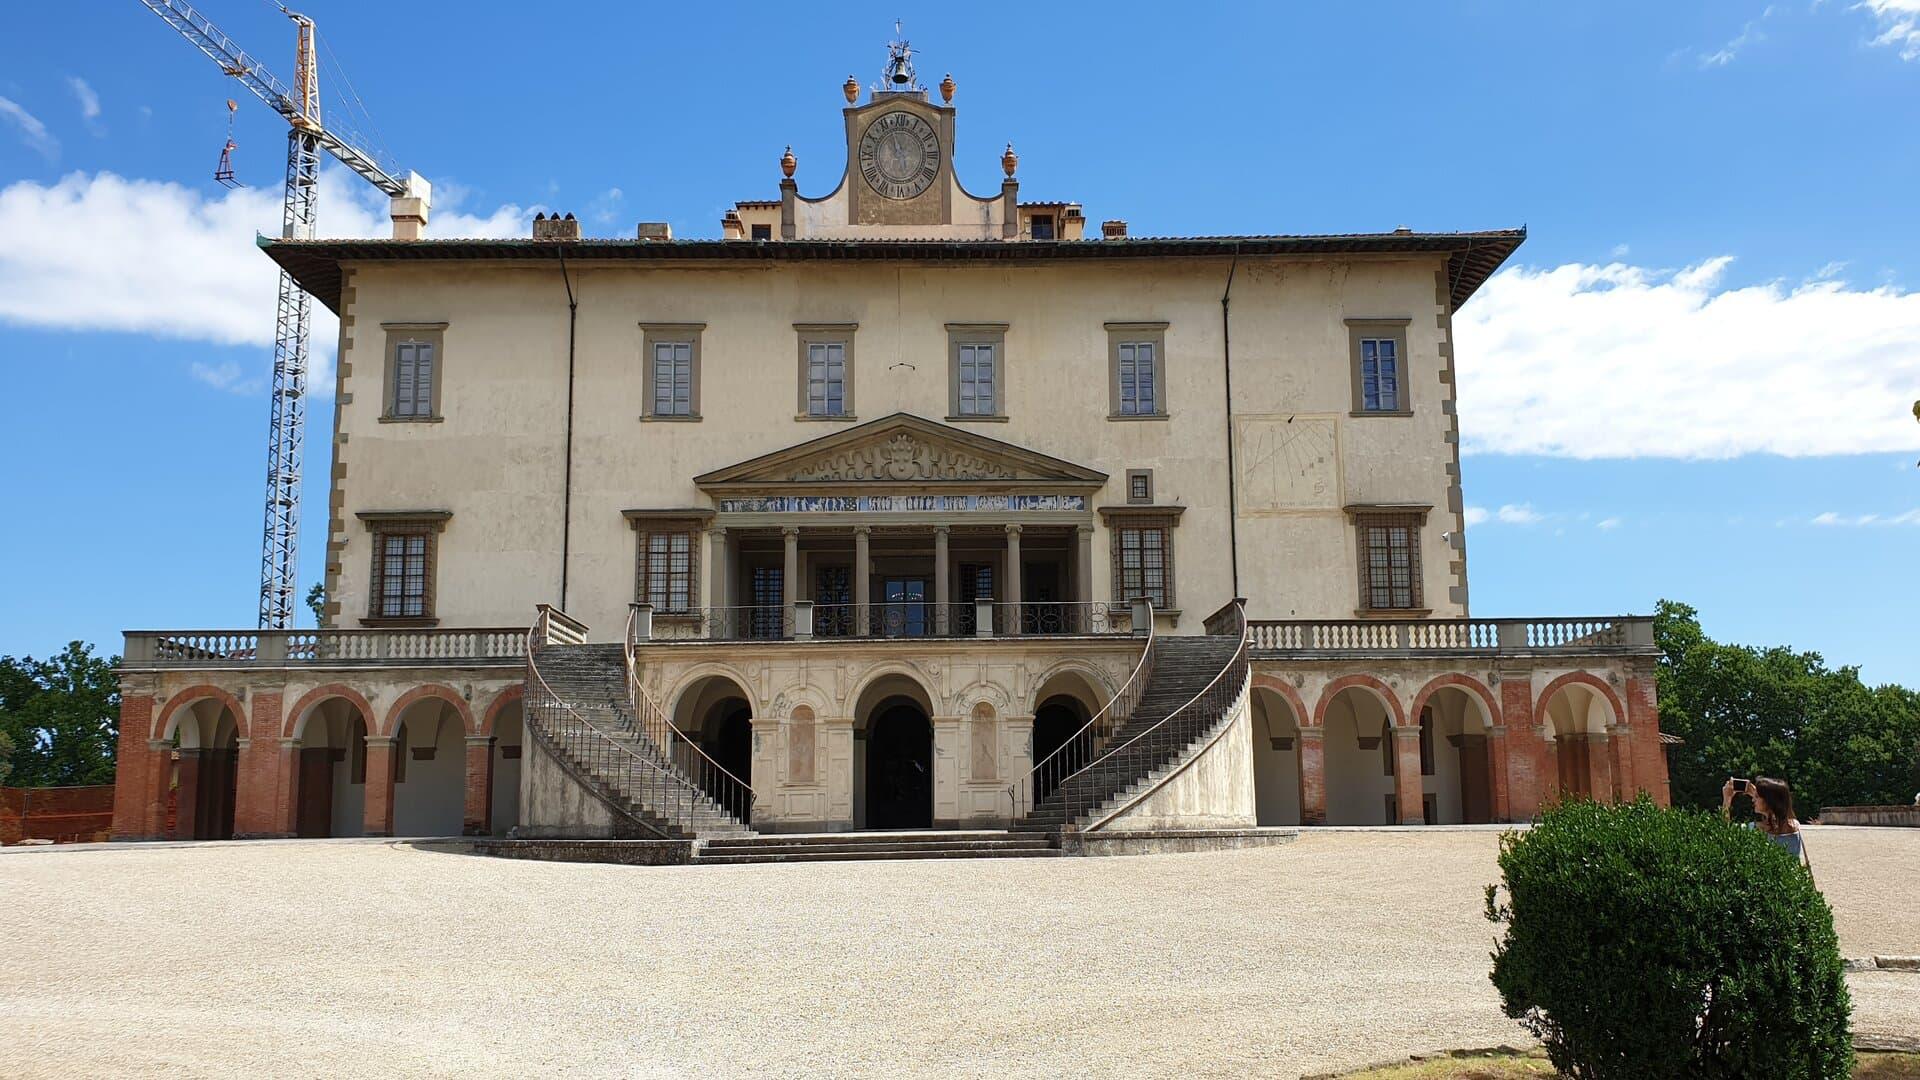 L'esterno della meravigliosa villa medicea di Poggio a Caiano con la sua entrata monumentale e le scalinate a doppia rampa laterale. In cima il grande orologio che detta l'orario.